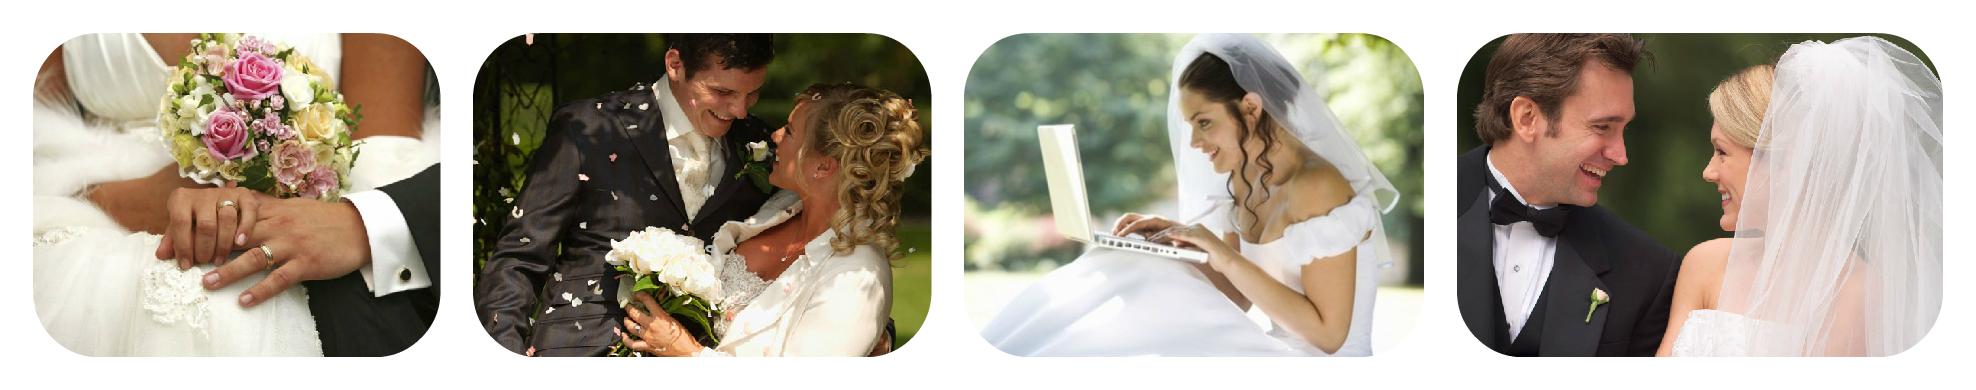 как выйти замуж, выходить ли замуж,девушка выходит замуж, Когда выйти замуж